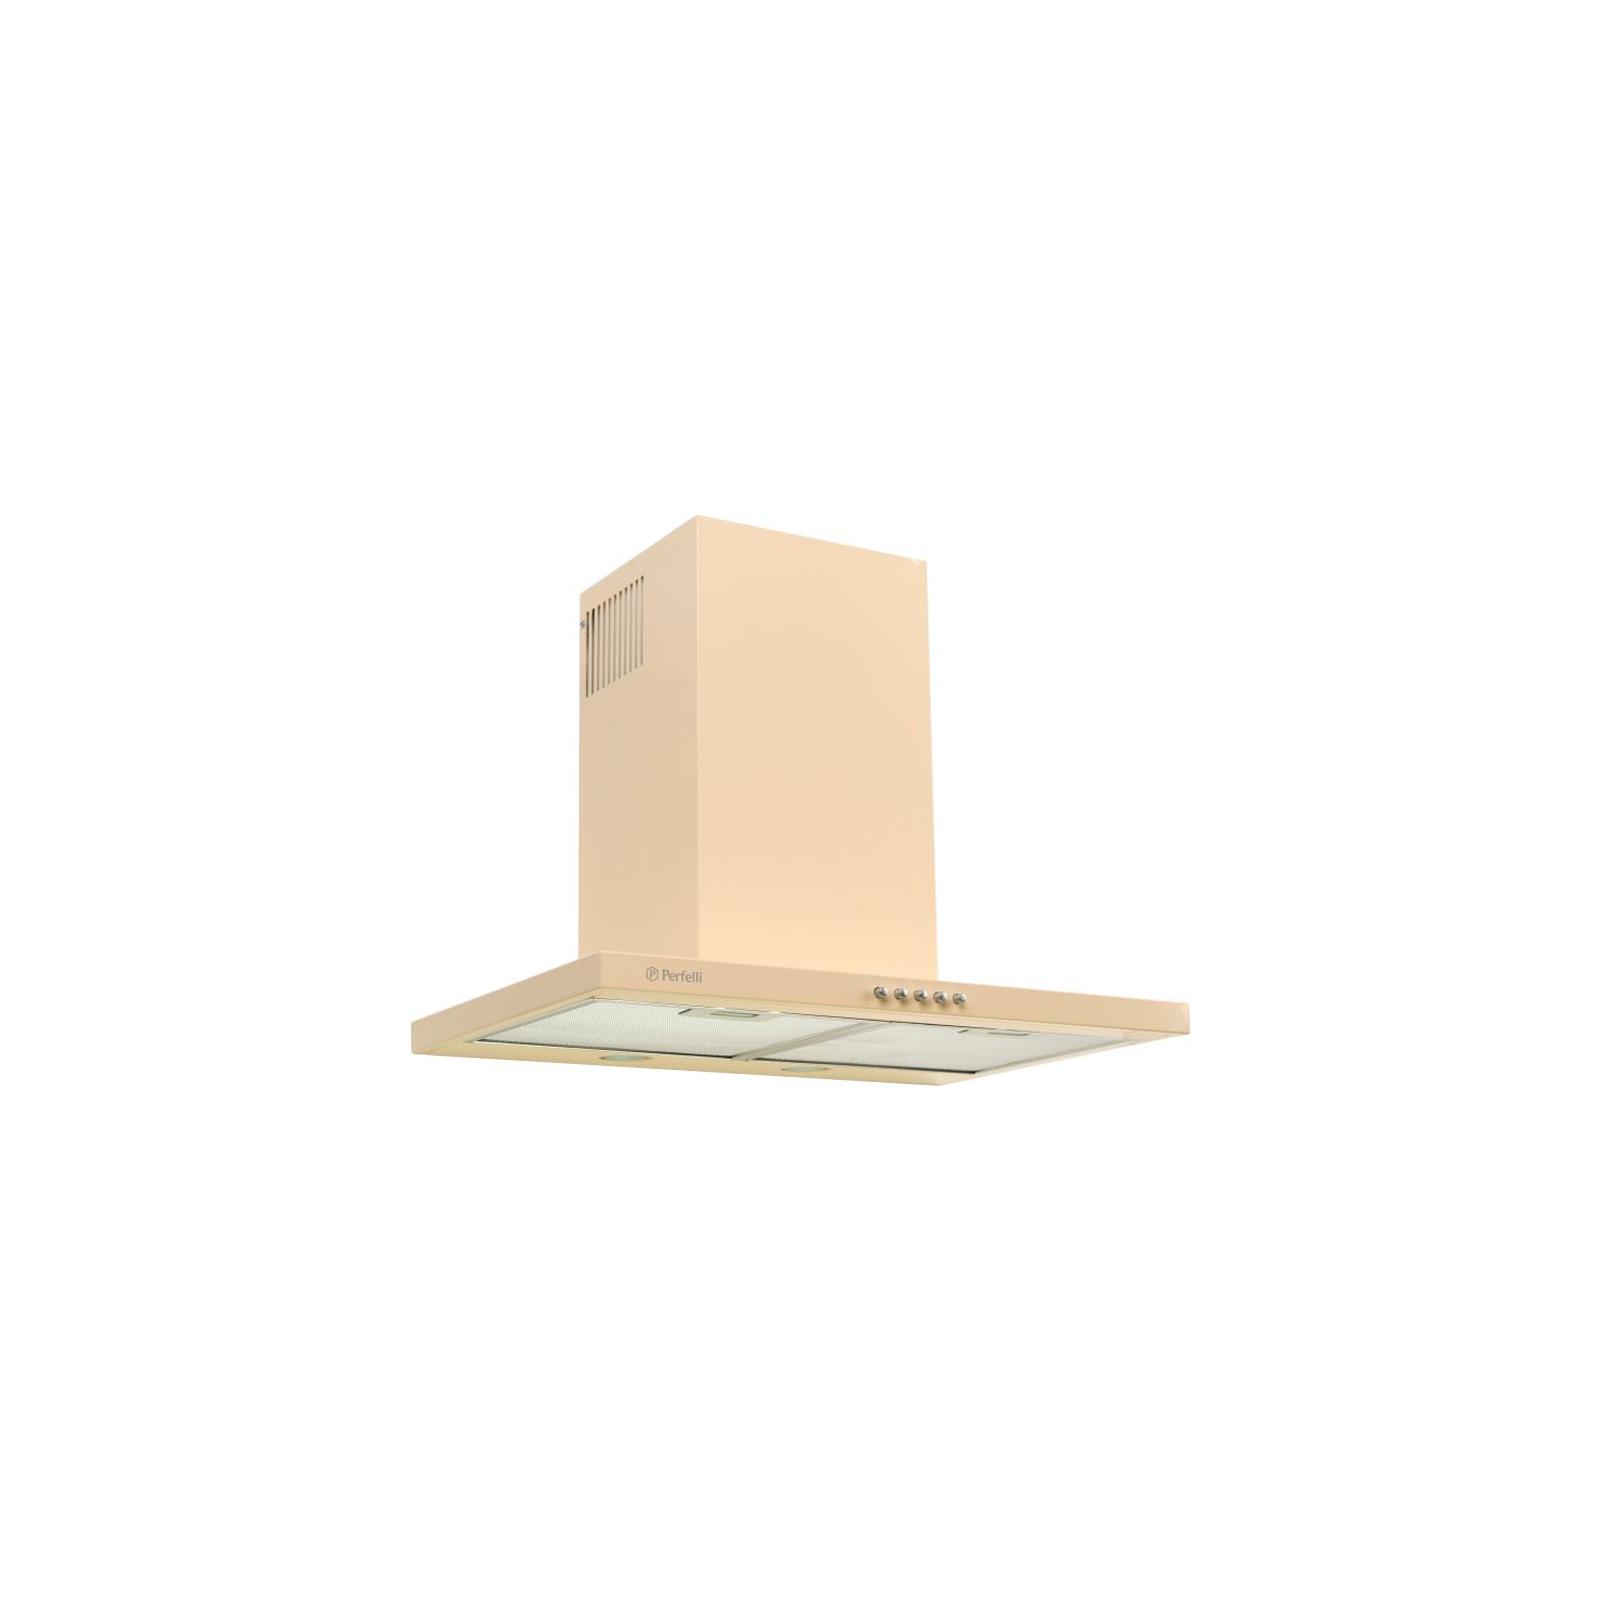 Вытяжка кухонная PERFELLI T 6612 A 1000 IV LED изображение 2